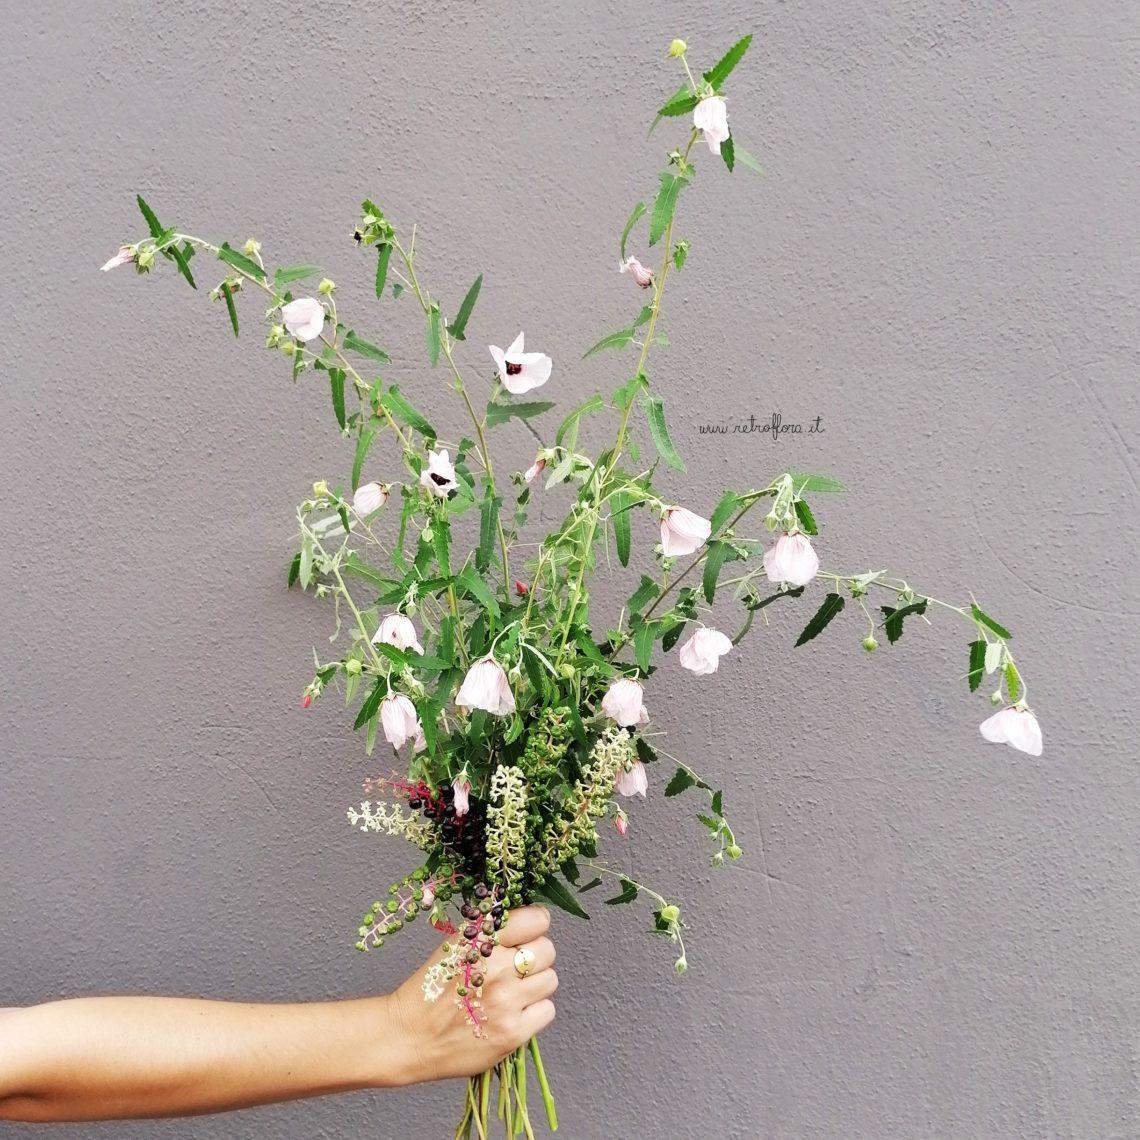 come trattare i fiori recisi, mazzo pavonia, pavonia. gentilezza, cura